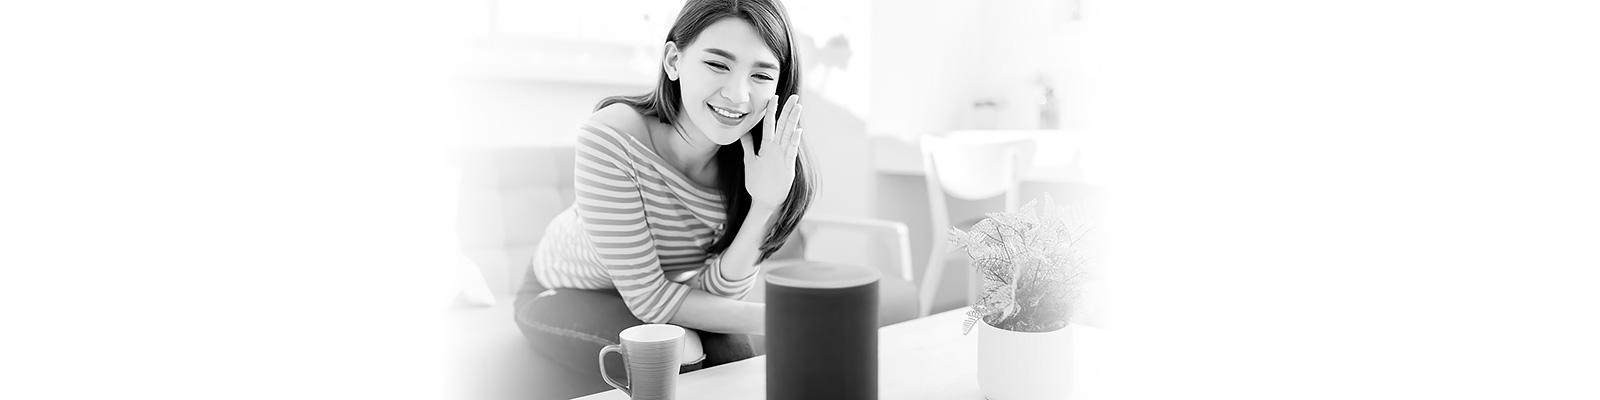 スマートスピーカー アジア人女性 イメージ